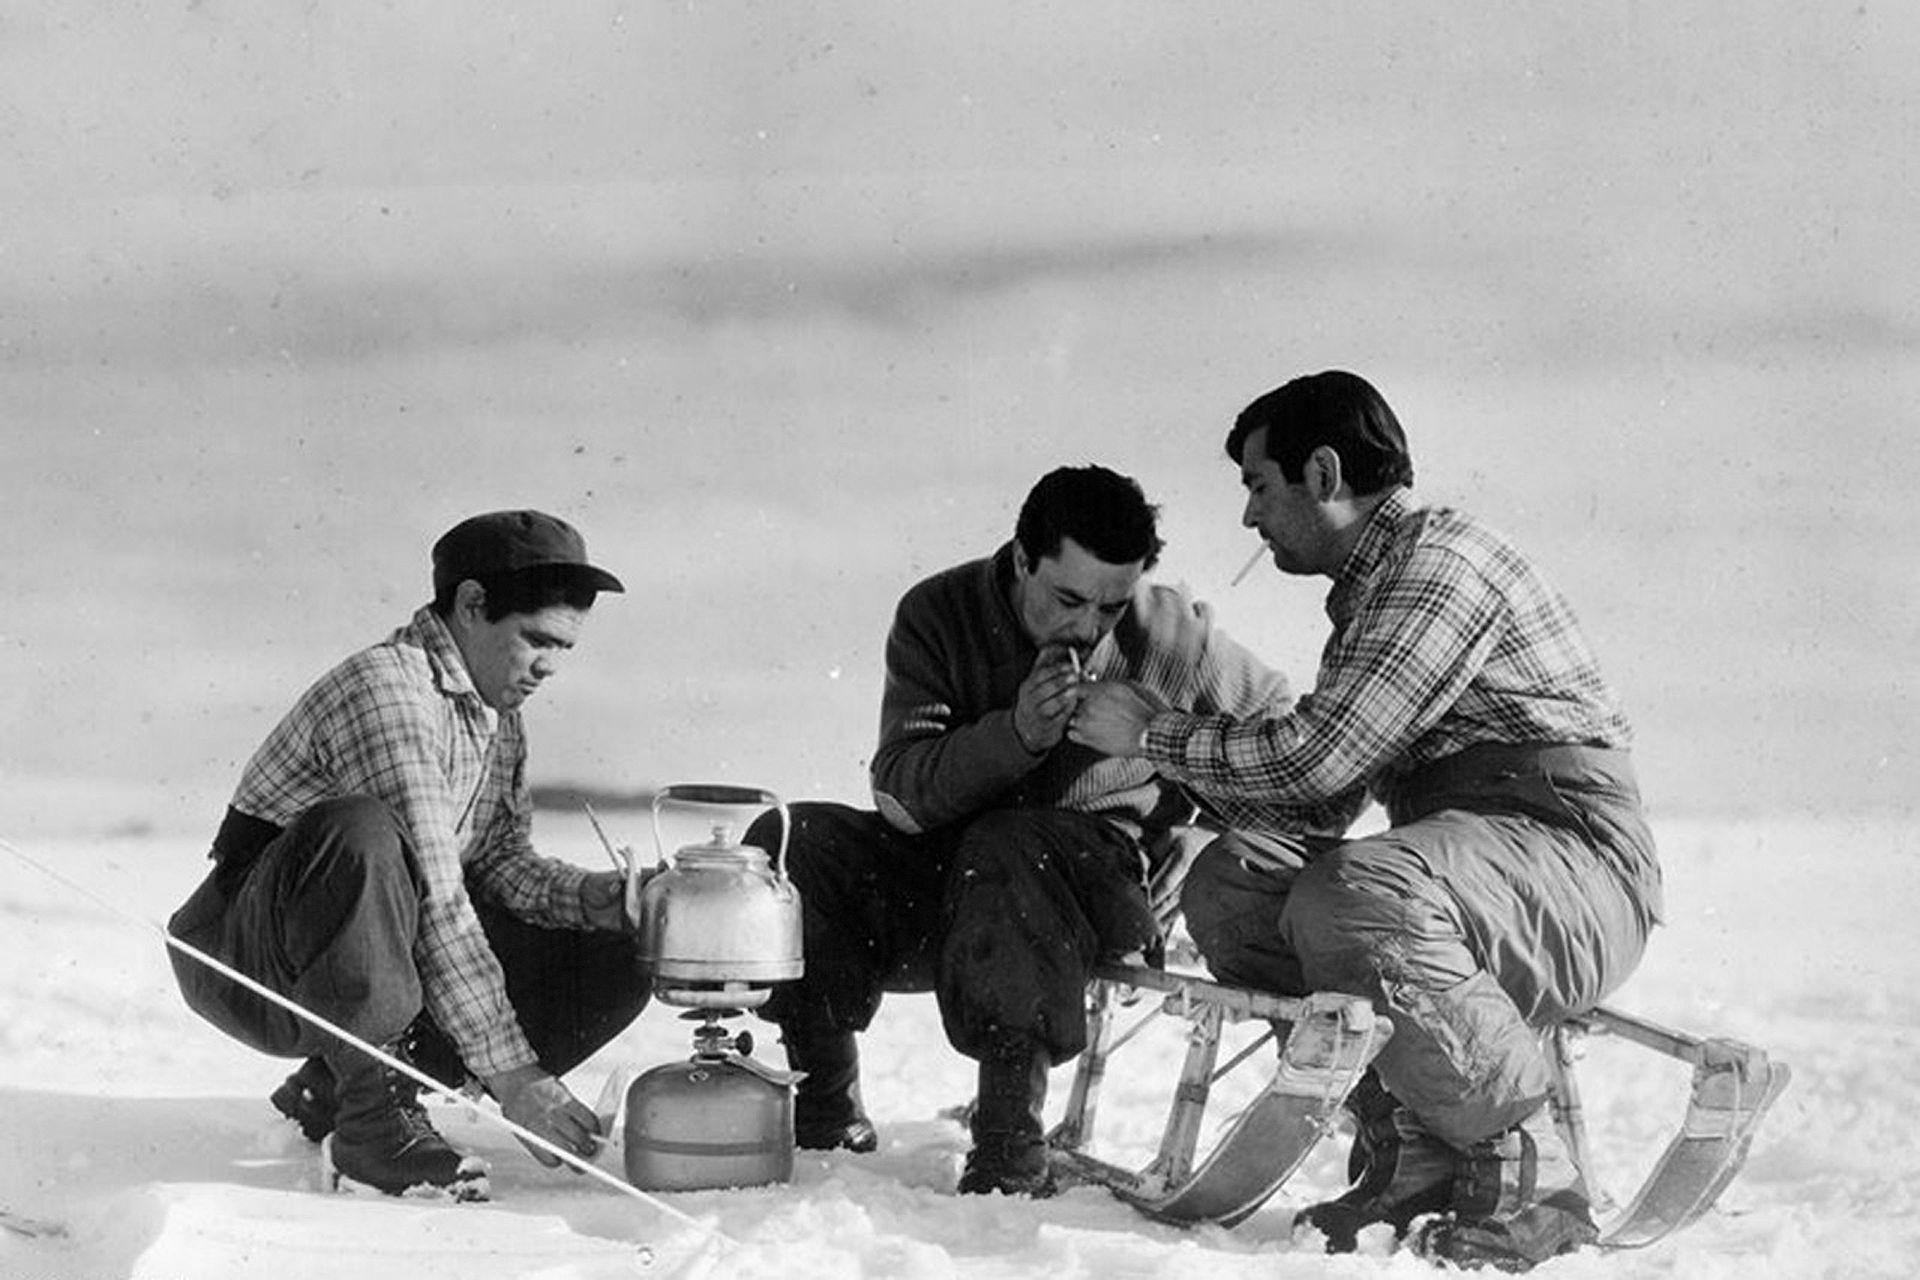 Mateada en el frío de la Antártida, 1963